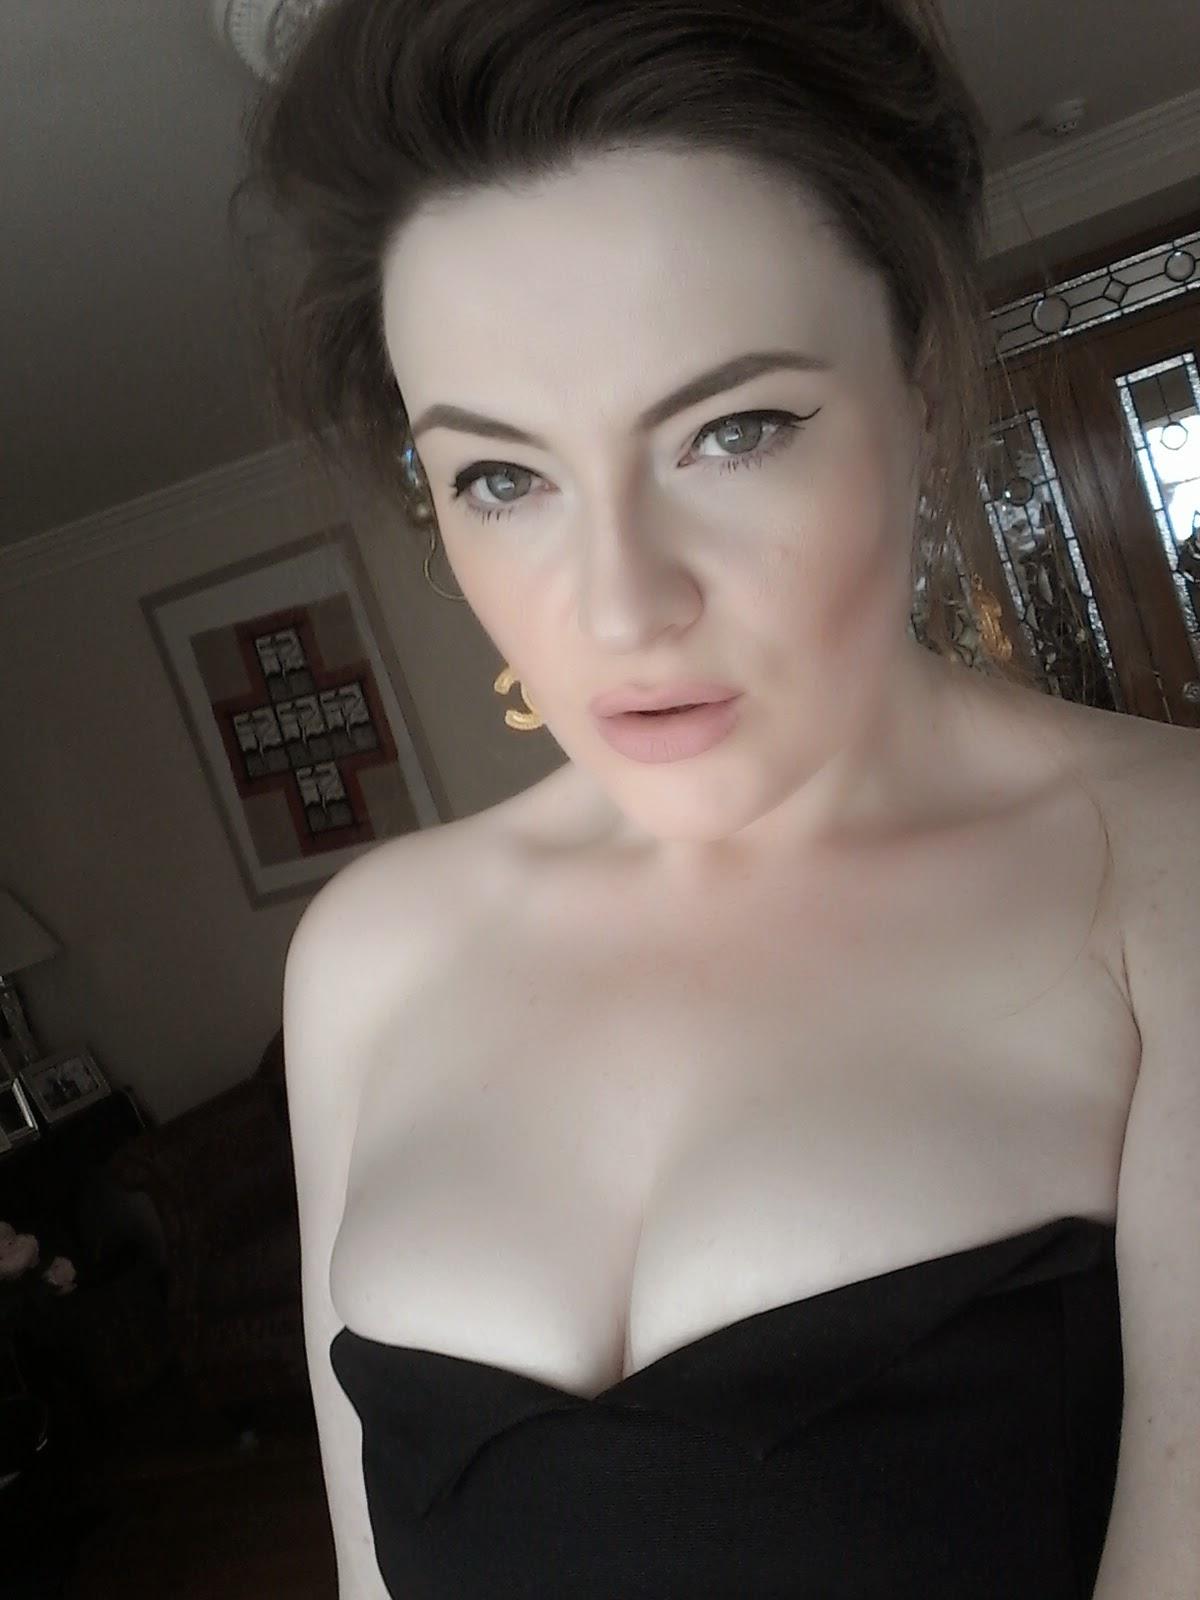 Wednesday nude Nude Photos 32